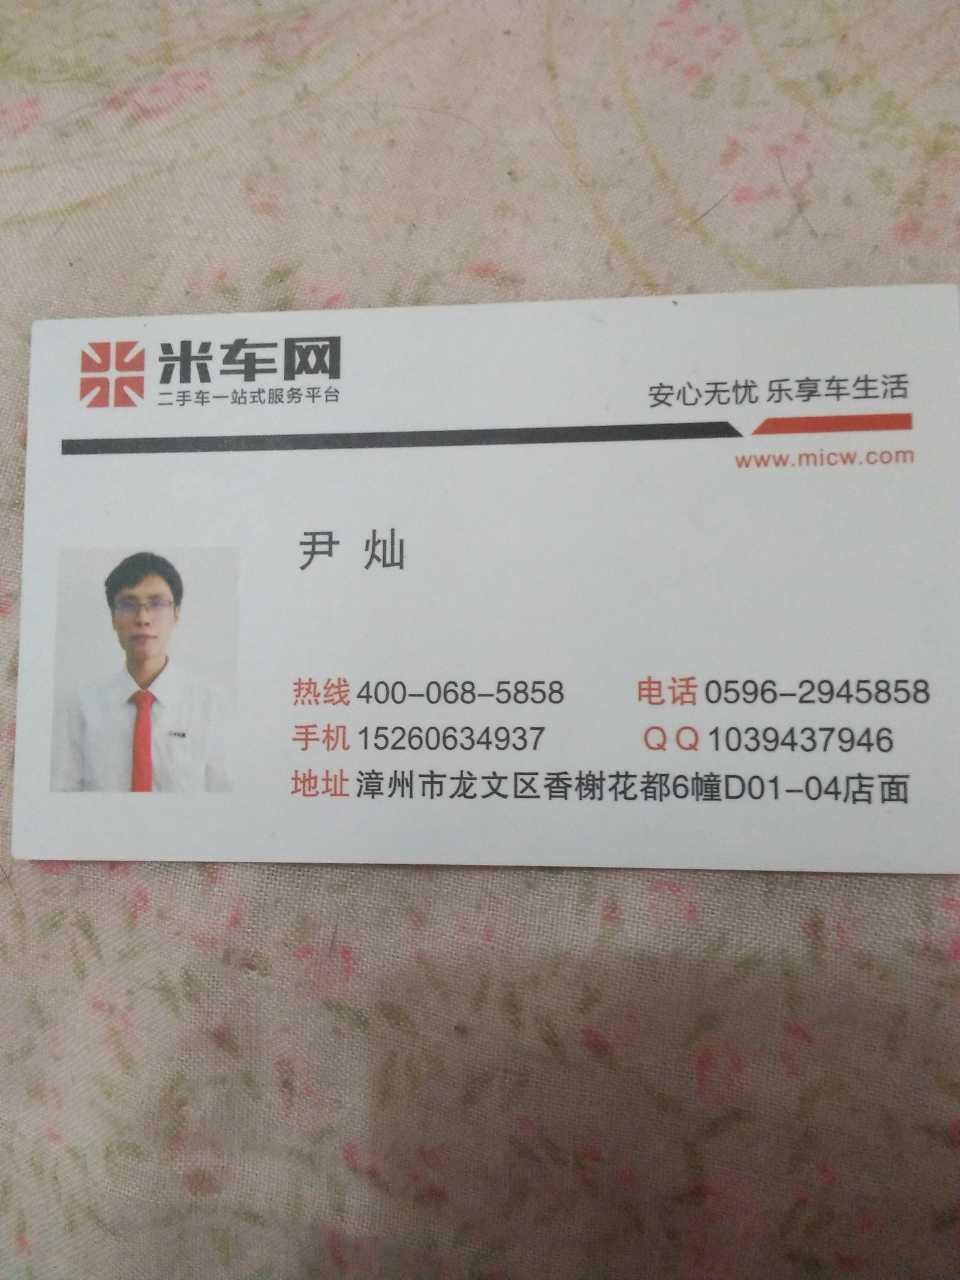 来自尹灿发布的供应信息:二手车,买卖服务!汽车金融服务!... - 漳州米车网汽车服务有限公司